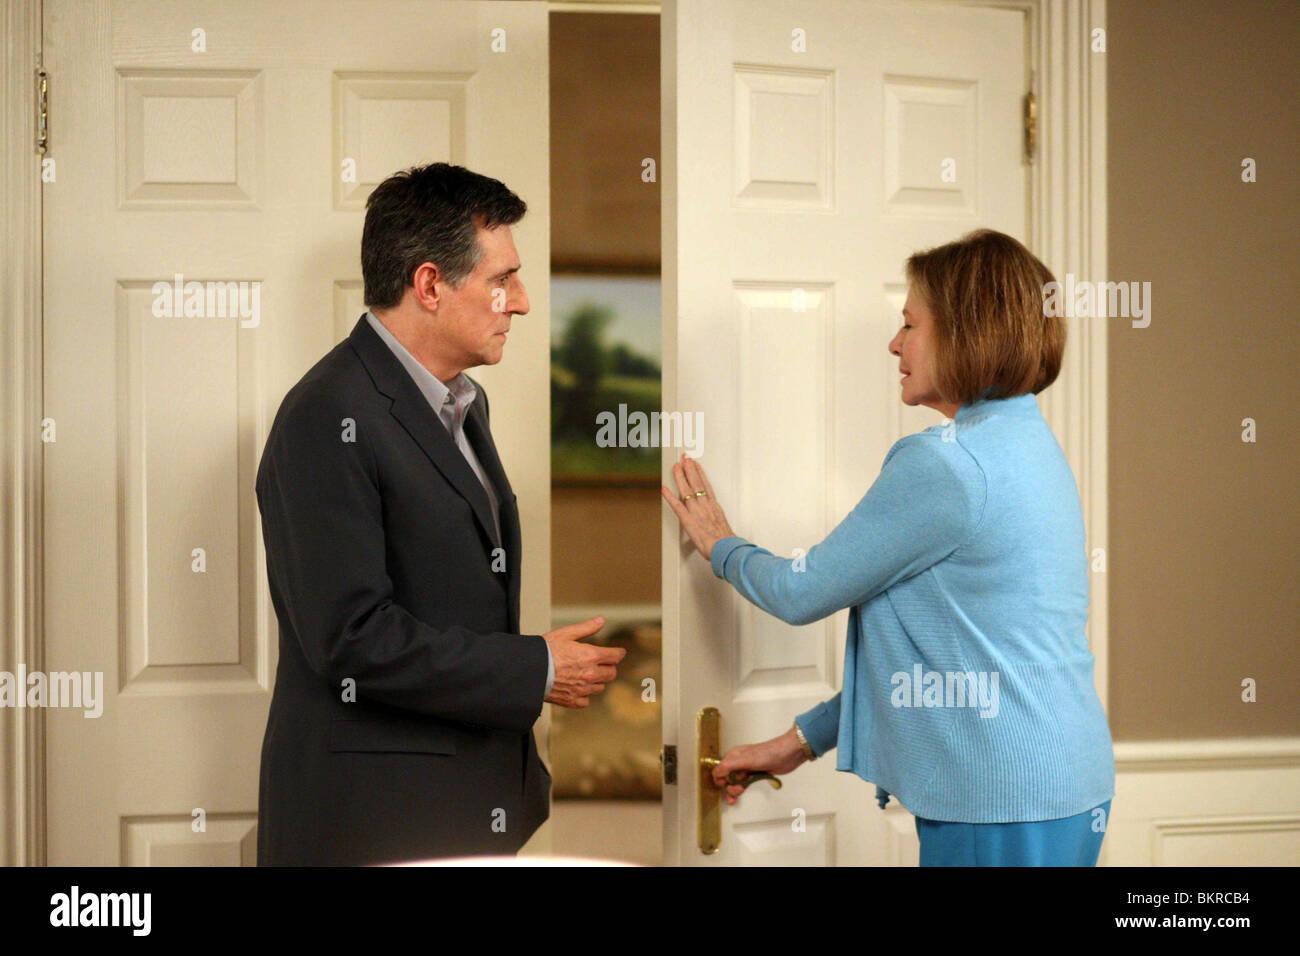 IN TREATMENT (TV) (2008) GABRIEL BYRNE, DIANNE WIEST 001 - Stock Image